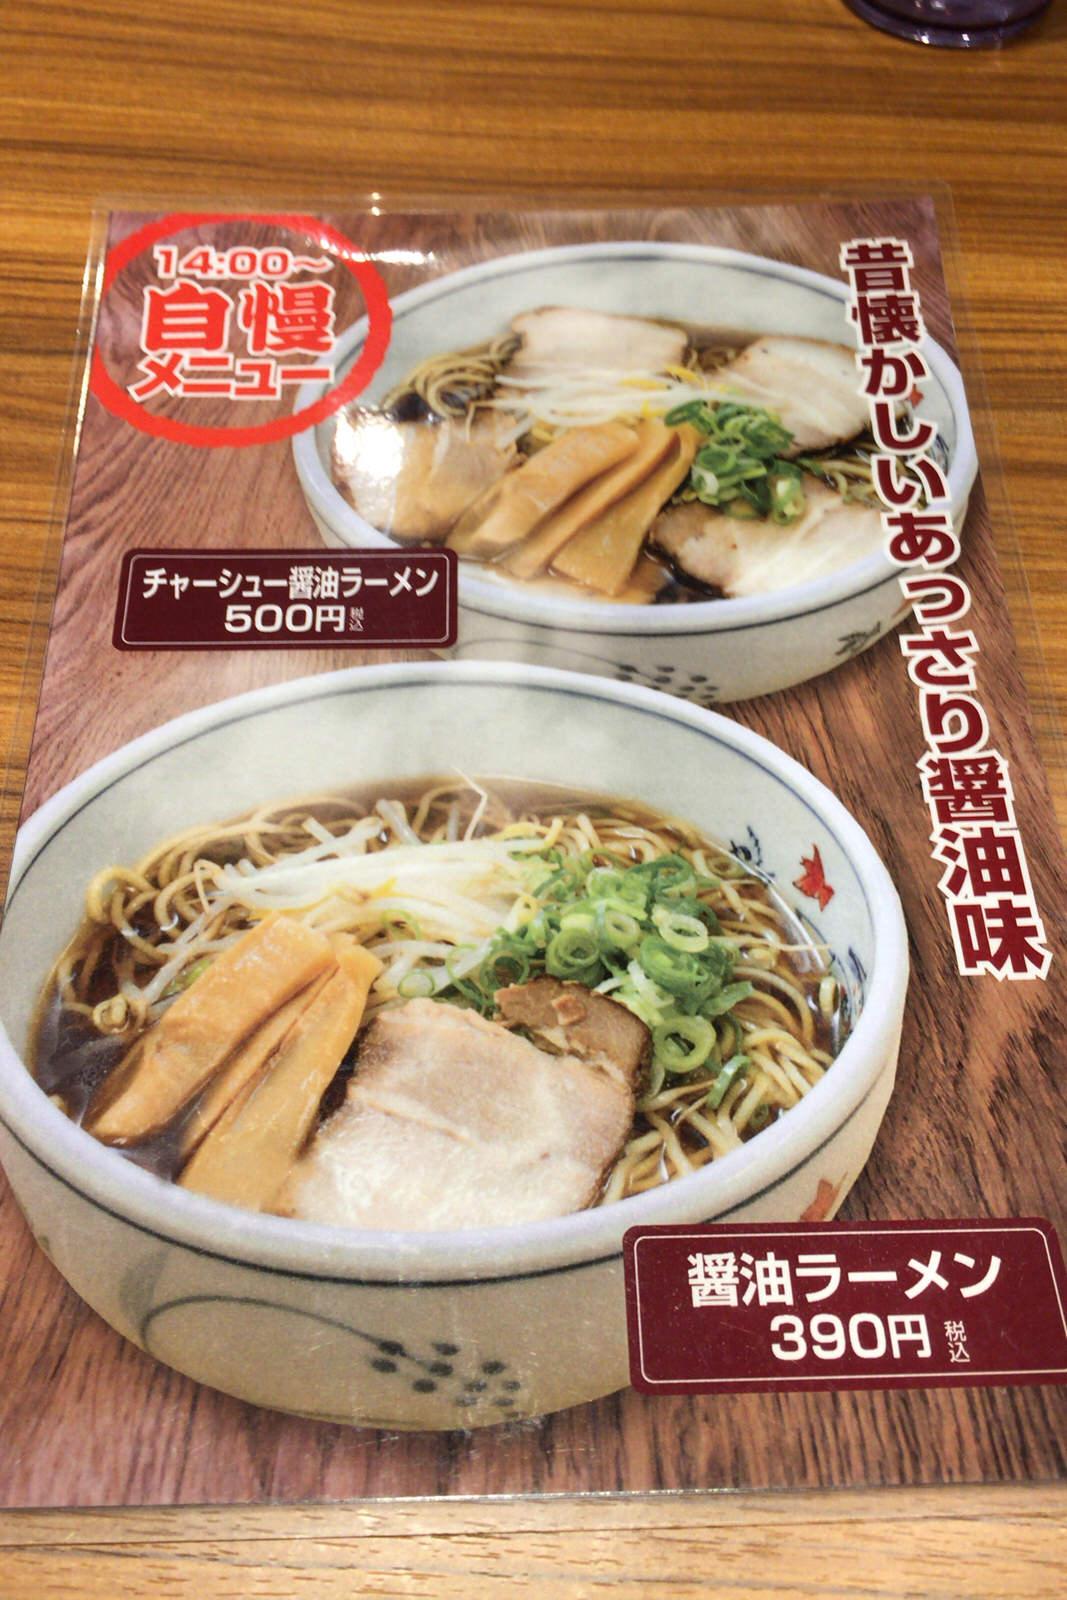 十三駅 阪急そば メニュー その3 ラーメン